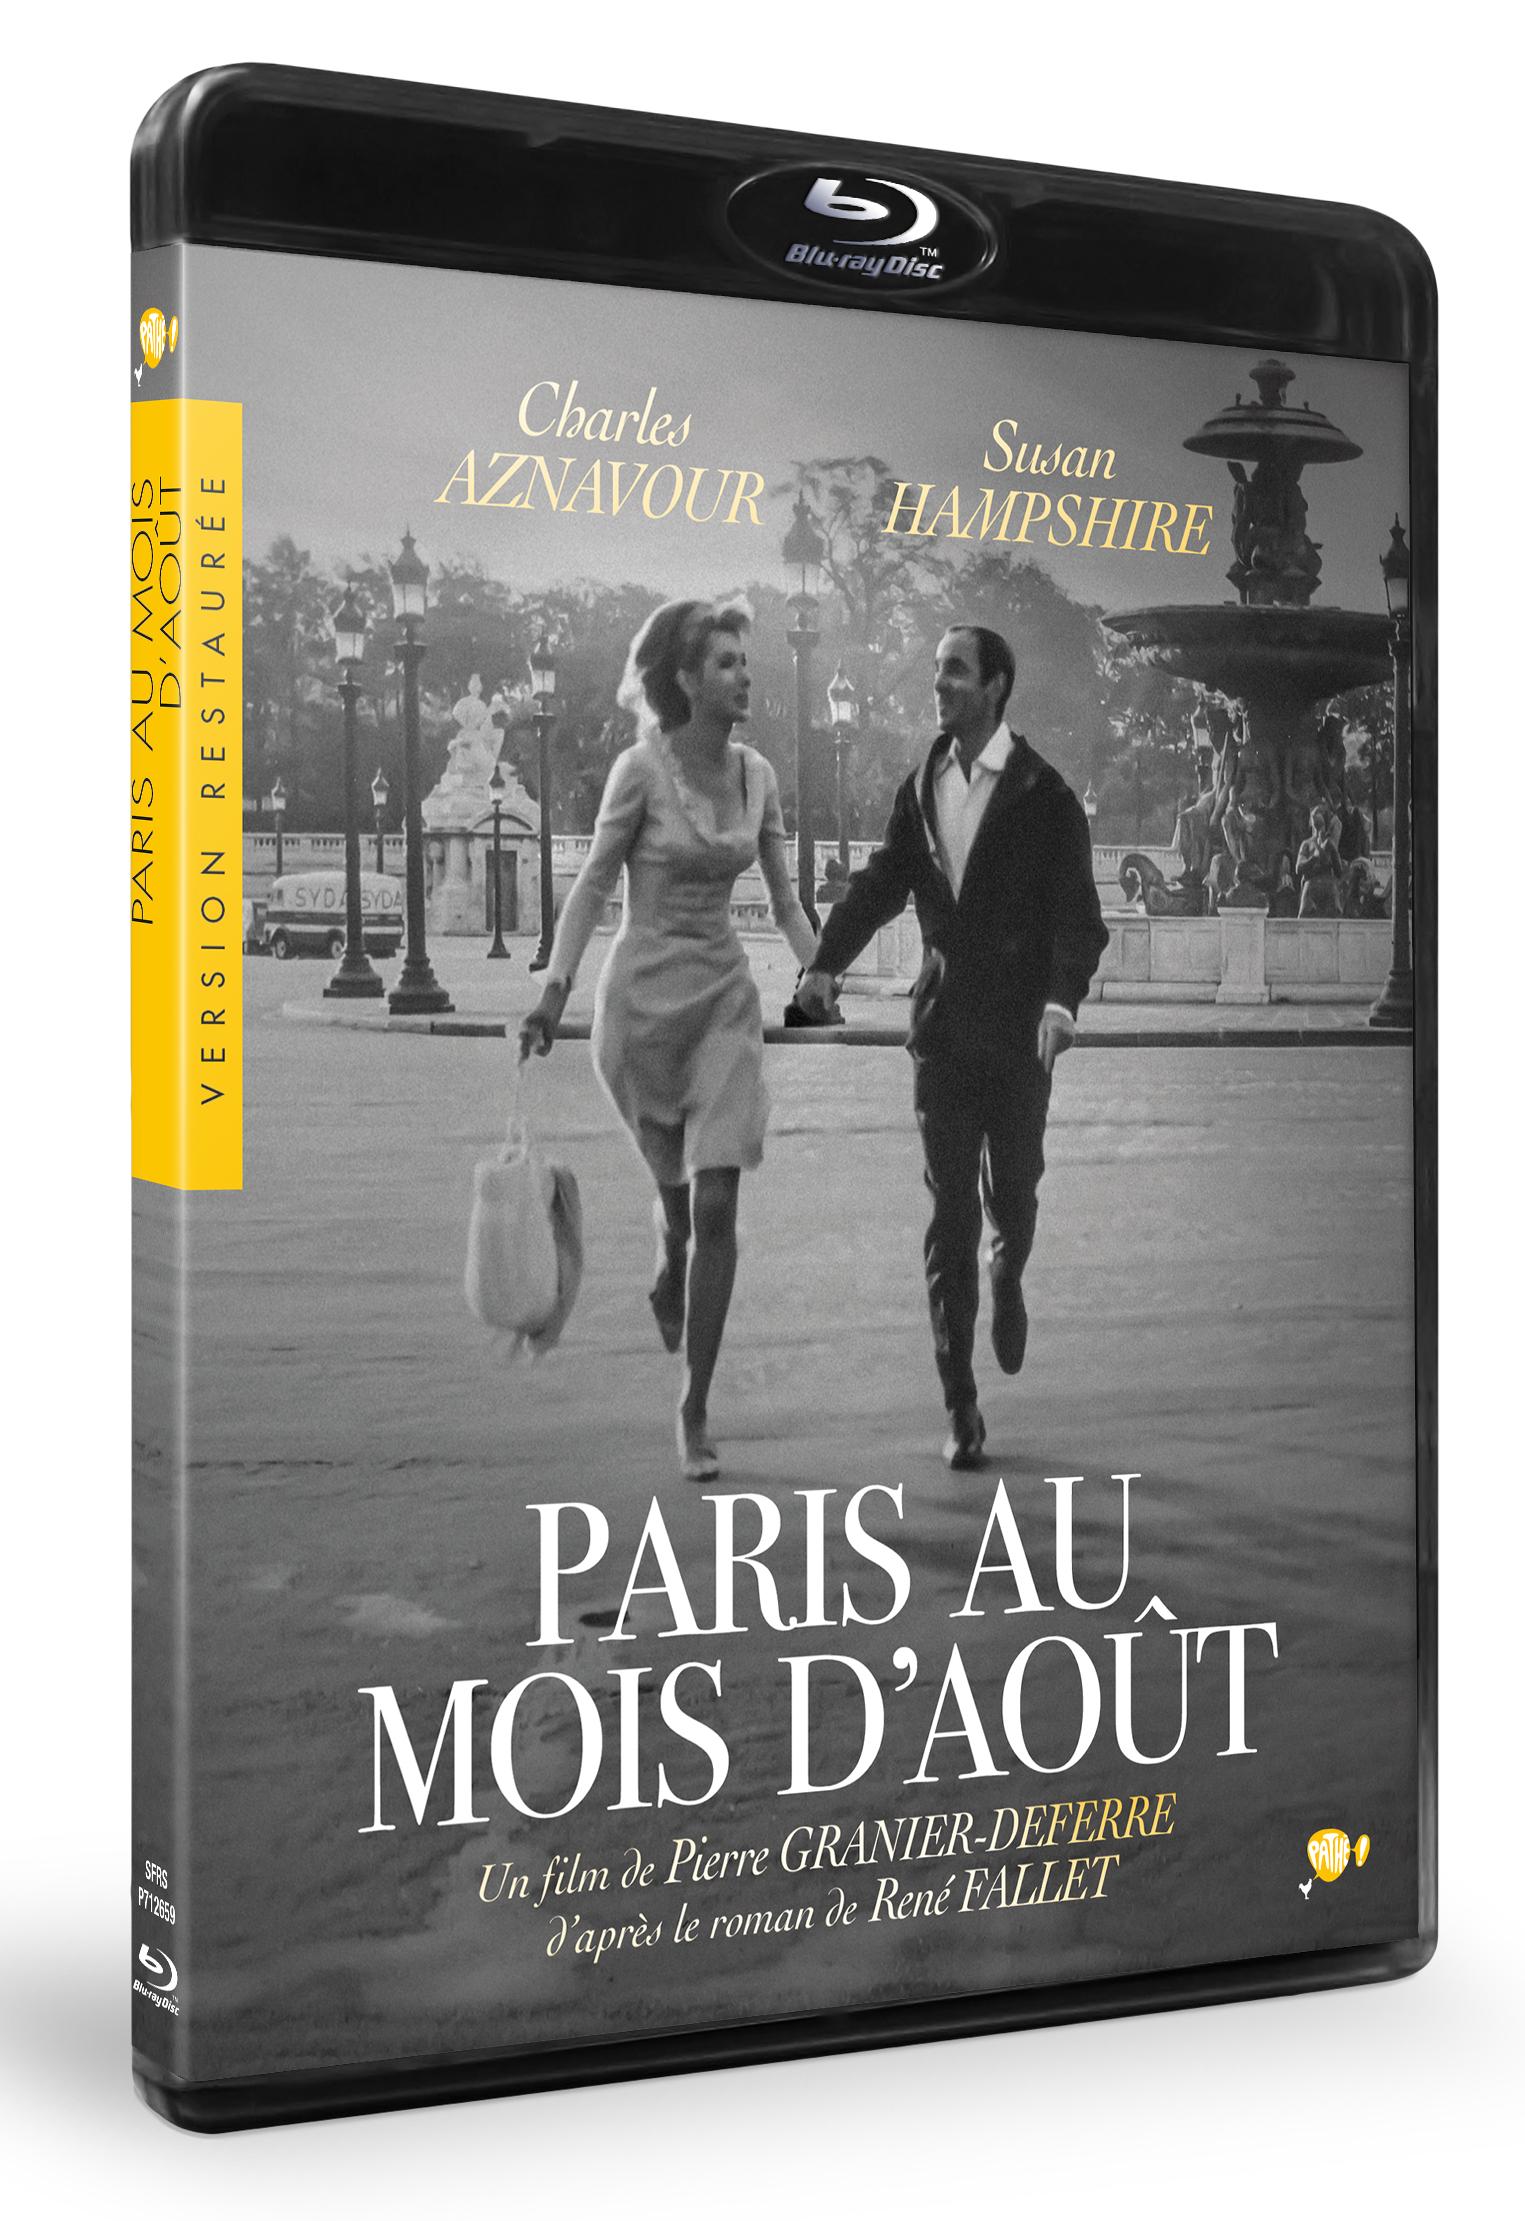 PARIS AU MOIS d'AOUT - BRD